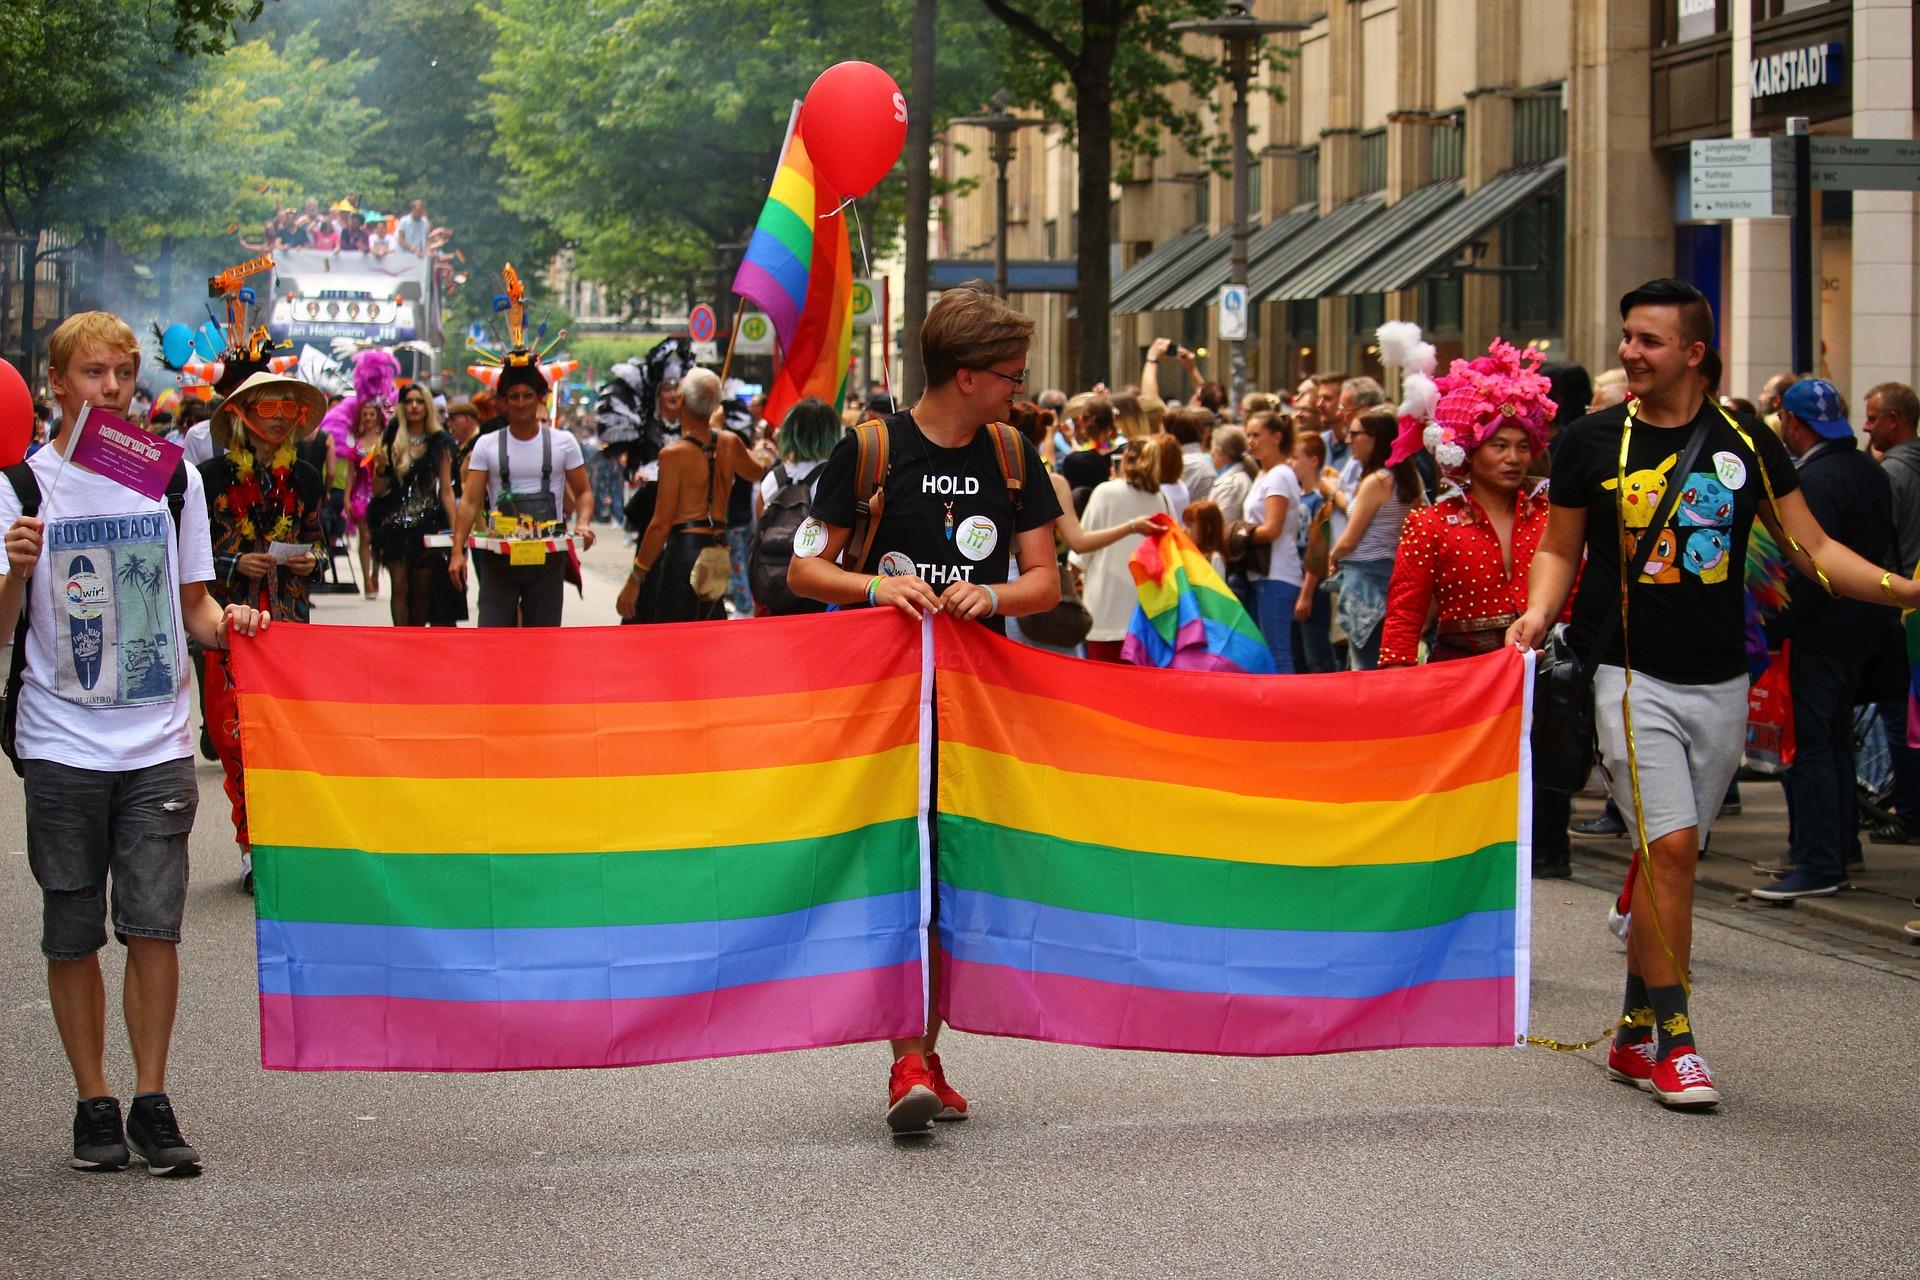 Marche des fiertés: Une victoire remplie de gaieté